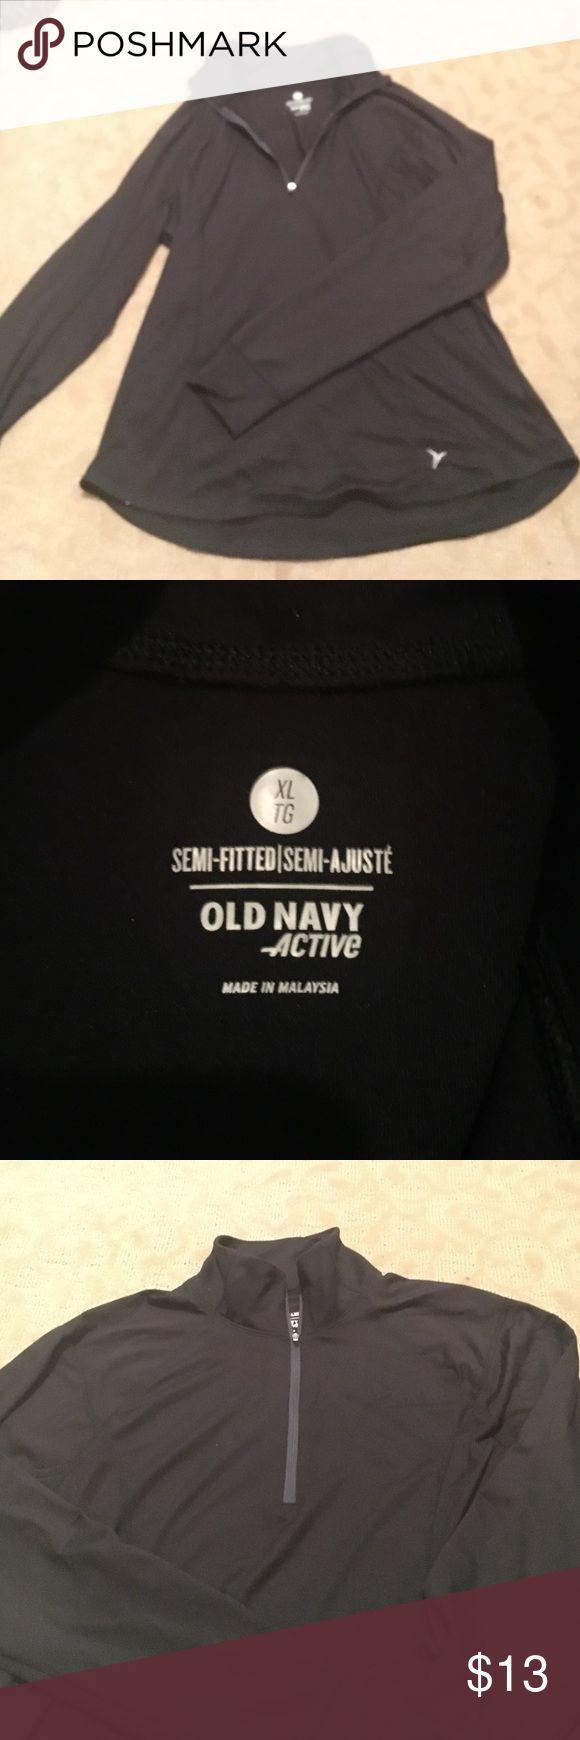 Old navy half zip pullover Old navy active half zip pullover semi fitted... worn once Old Navy Tops Sweatshirts & Hoodies